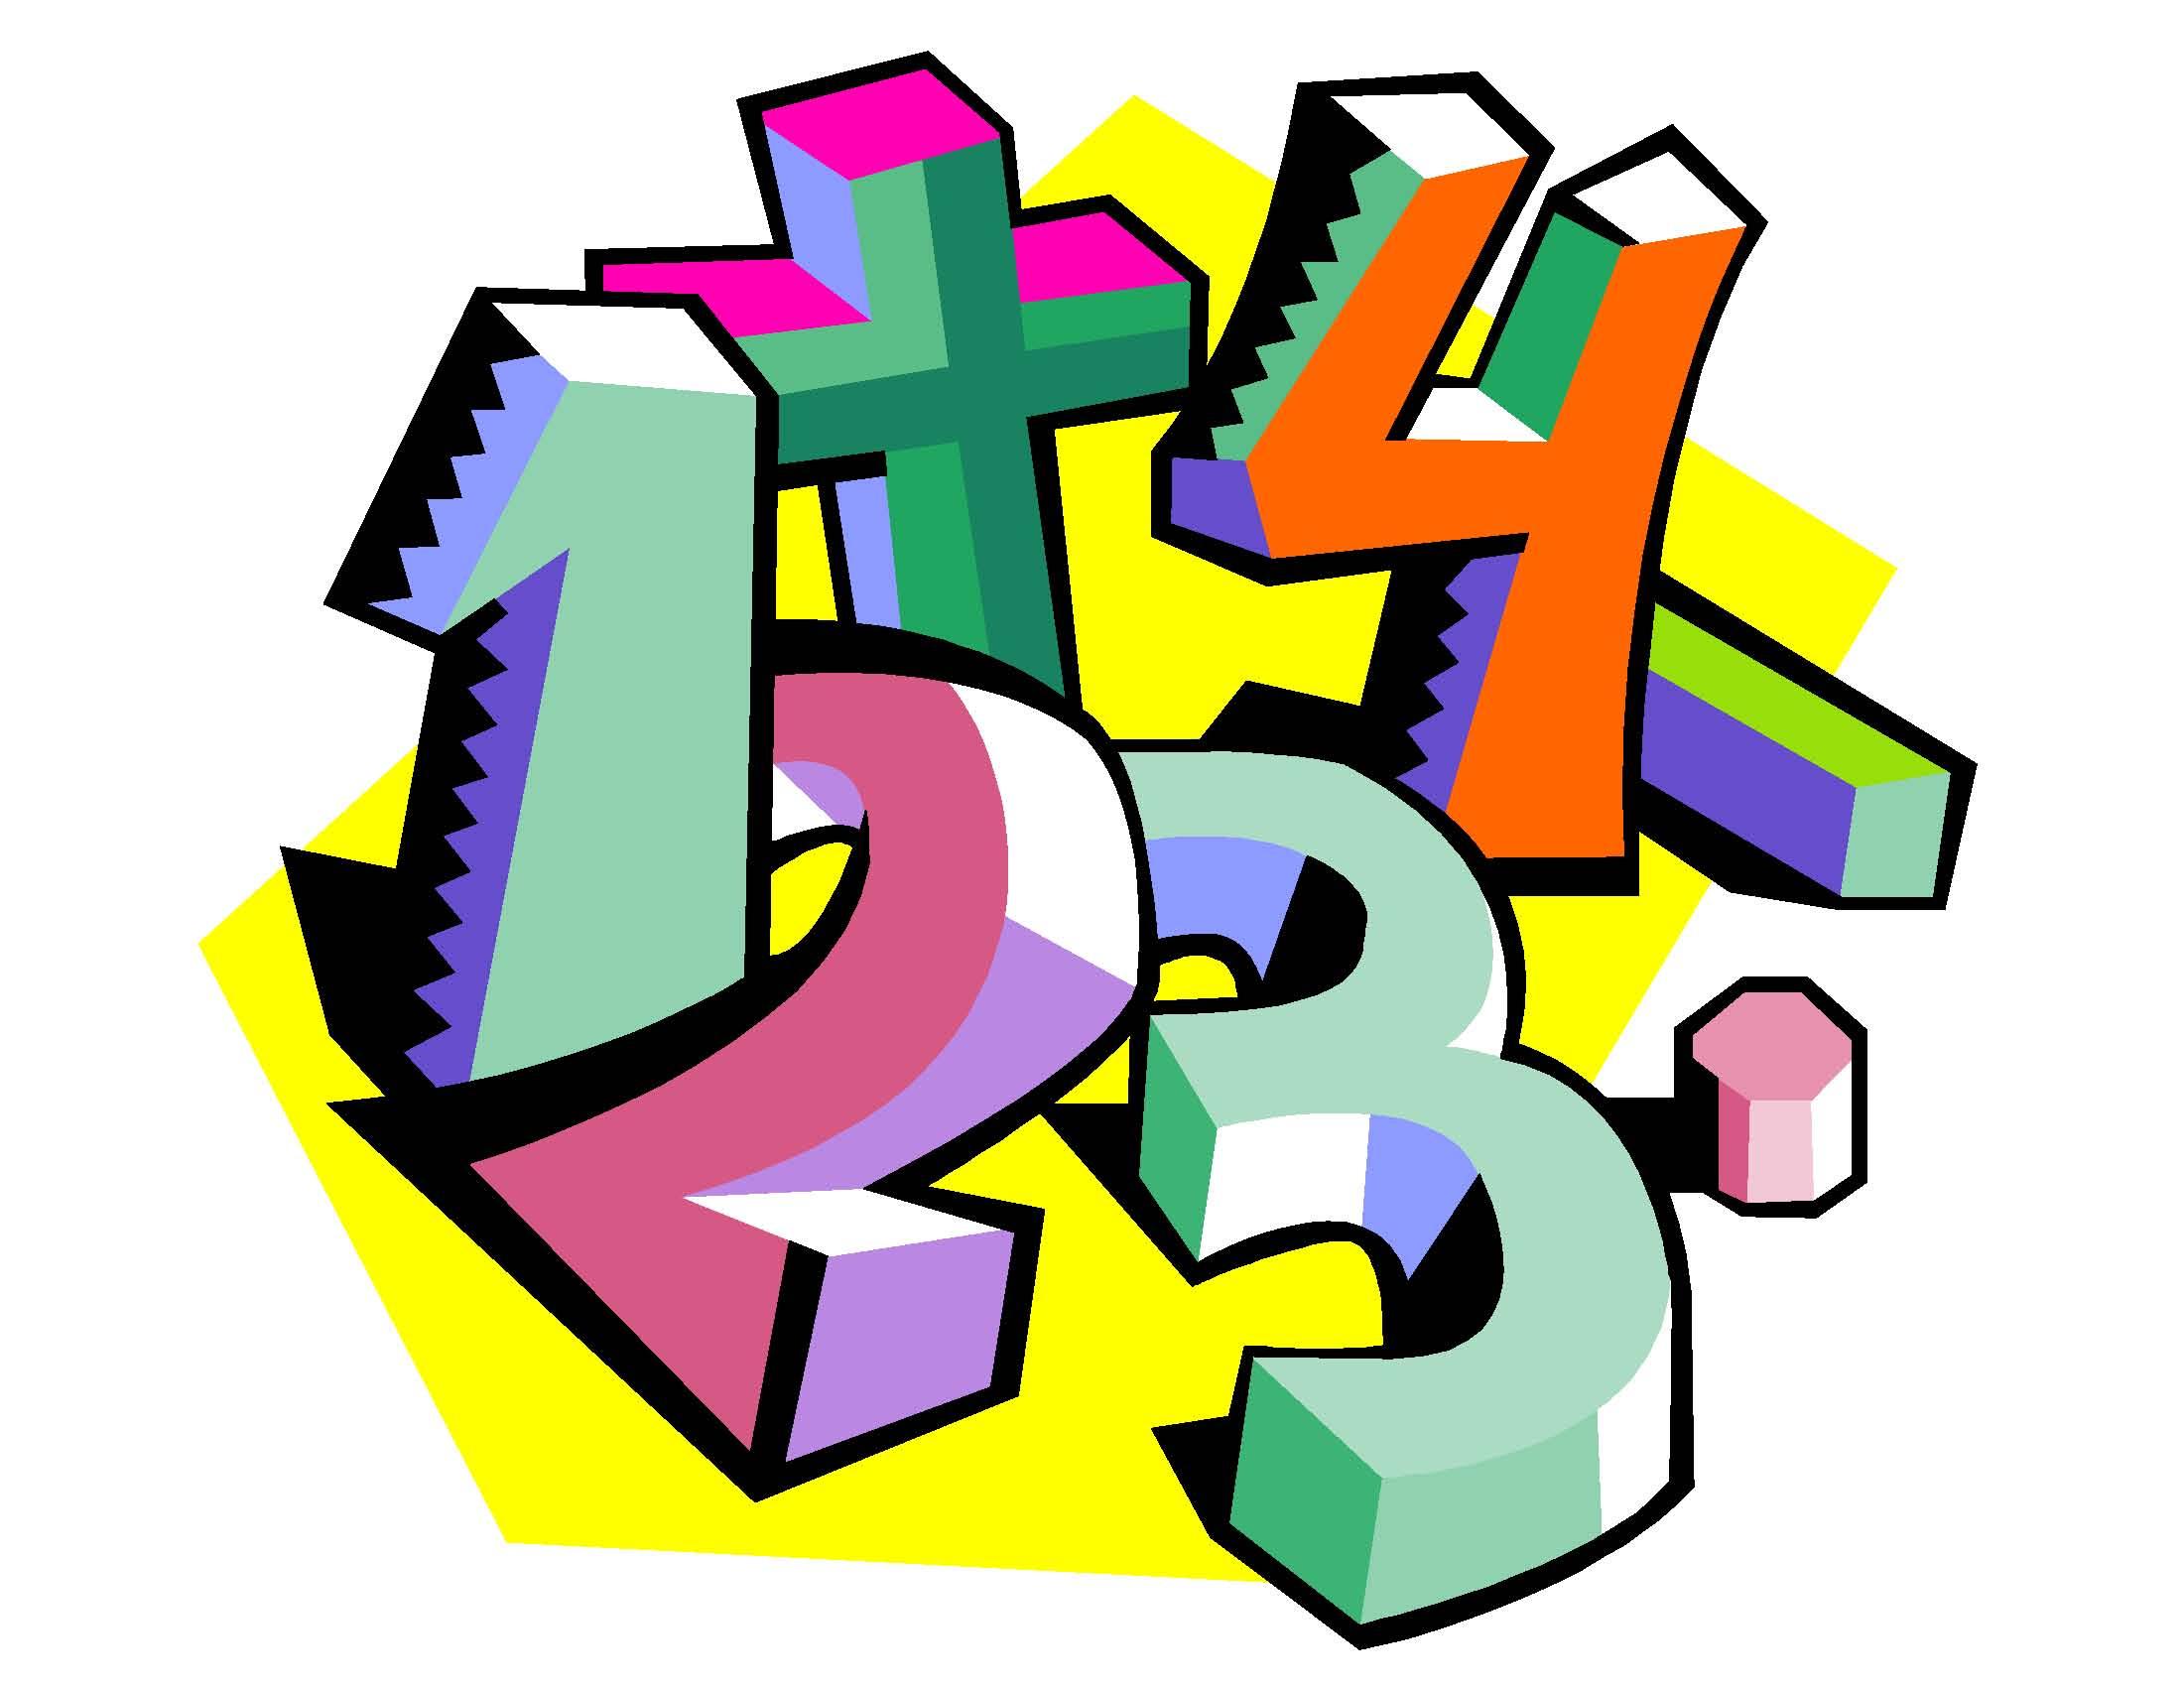 2201x1701 Multiplication Clip Art